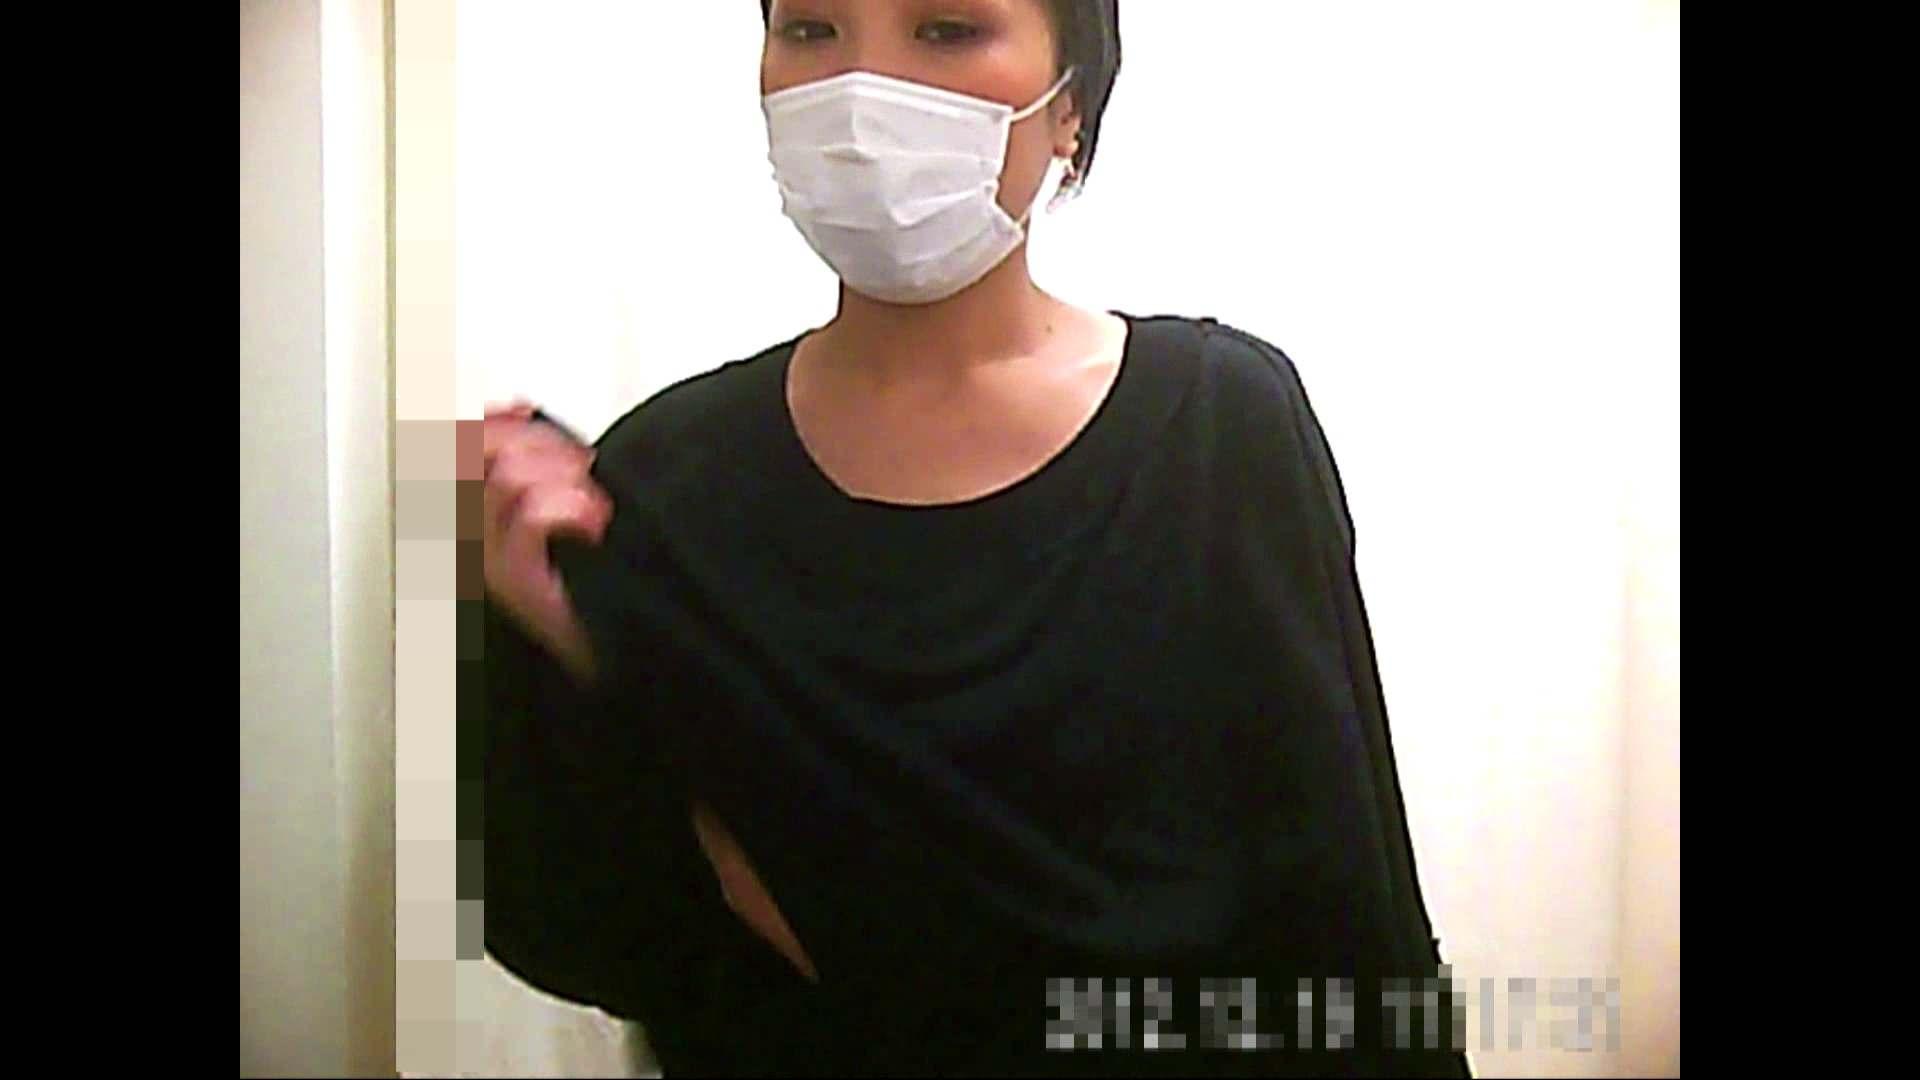 病院おもいっきり着替え! vol.181 貧乳 のぞき動画画像 102pic 34